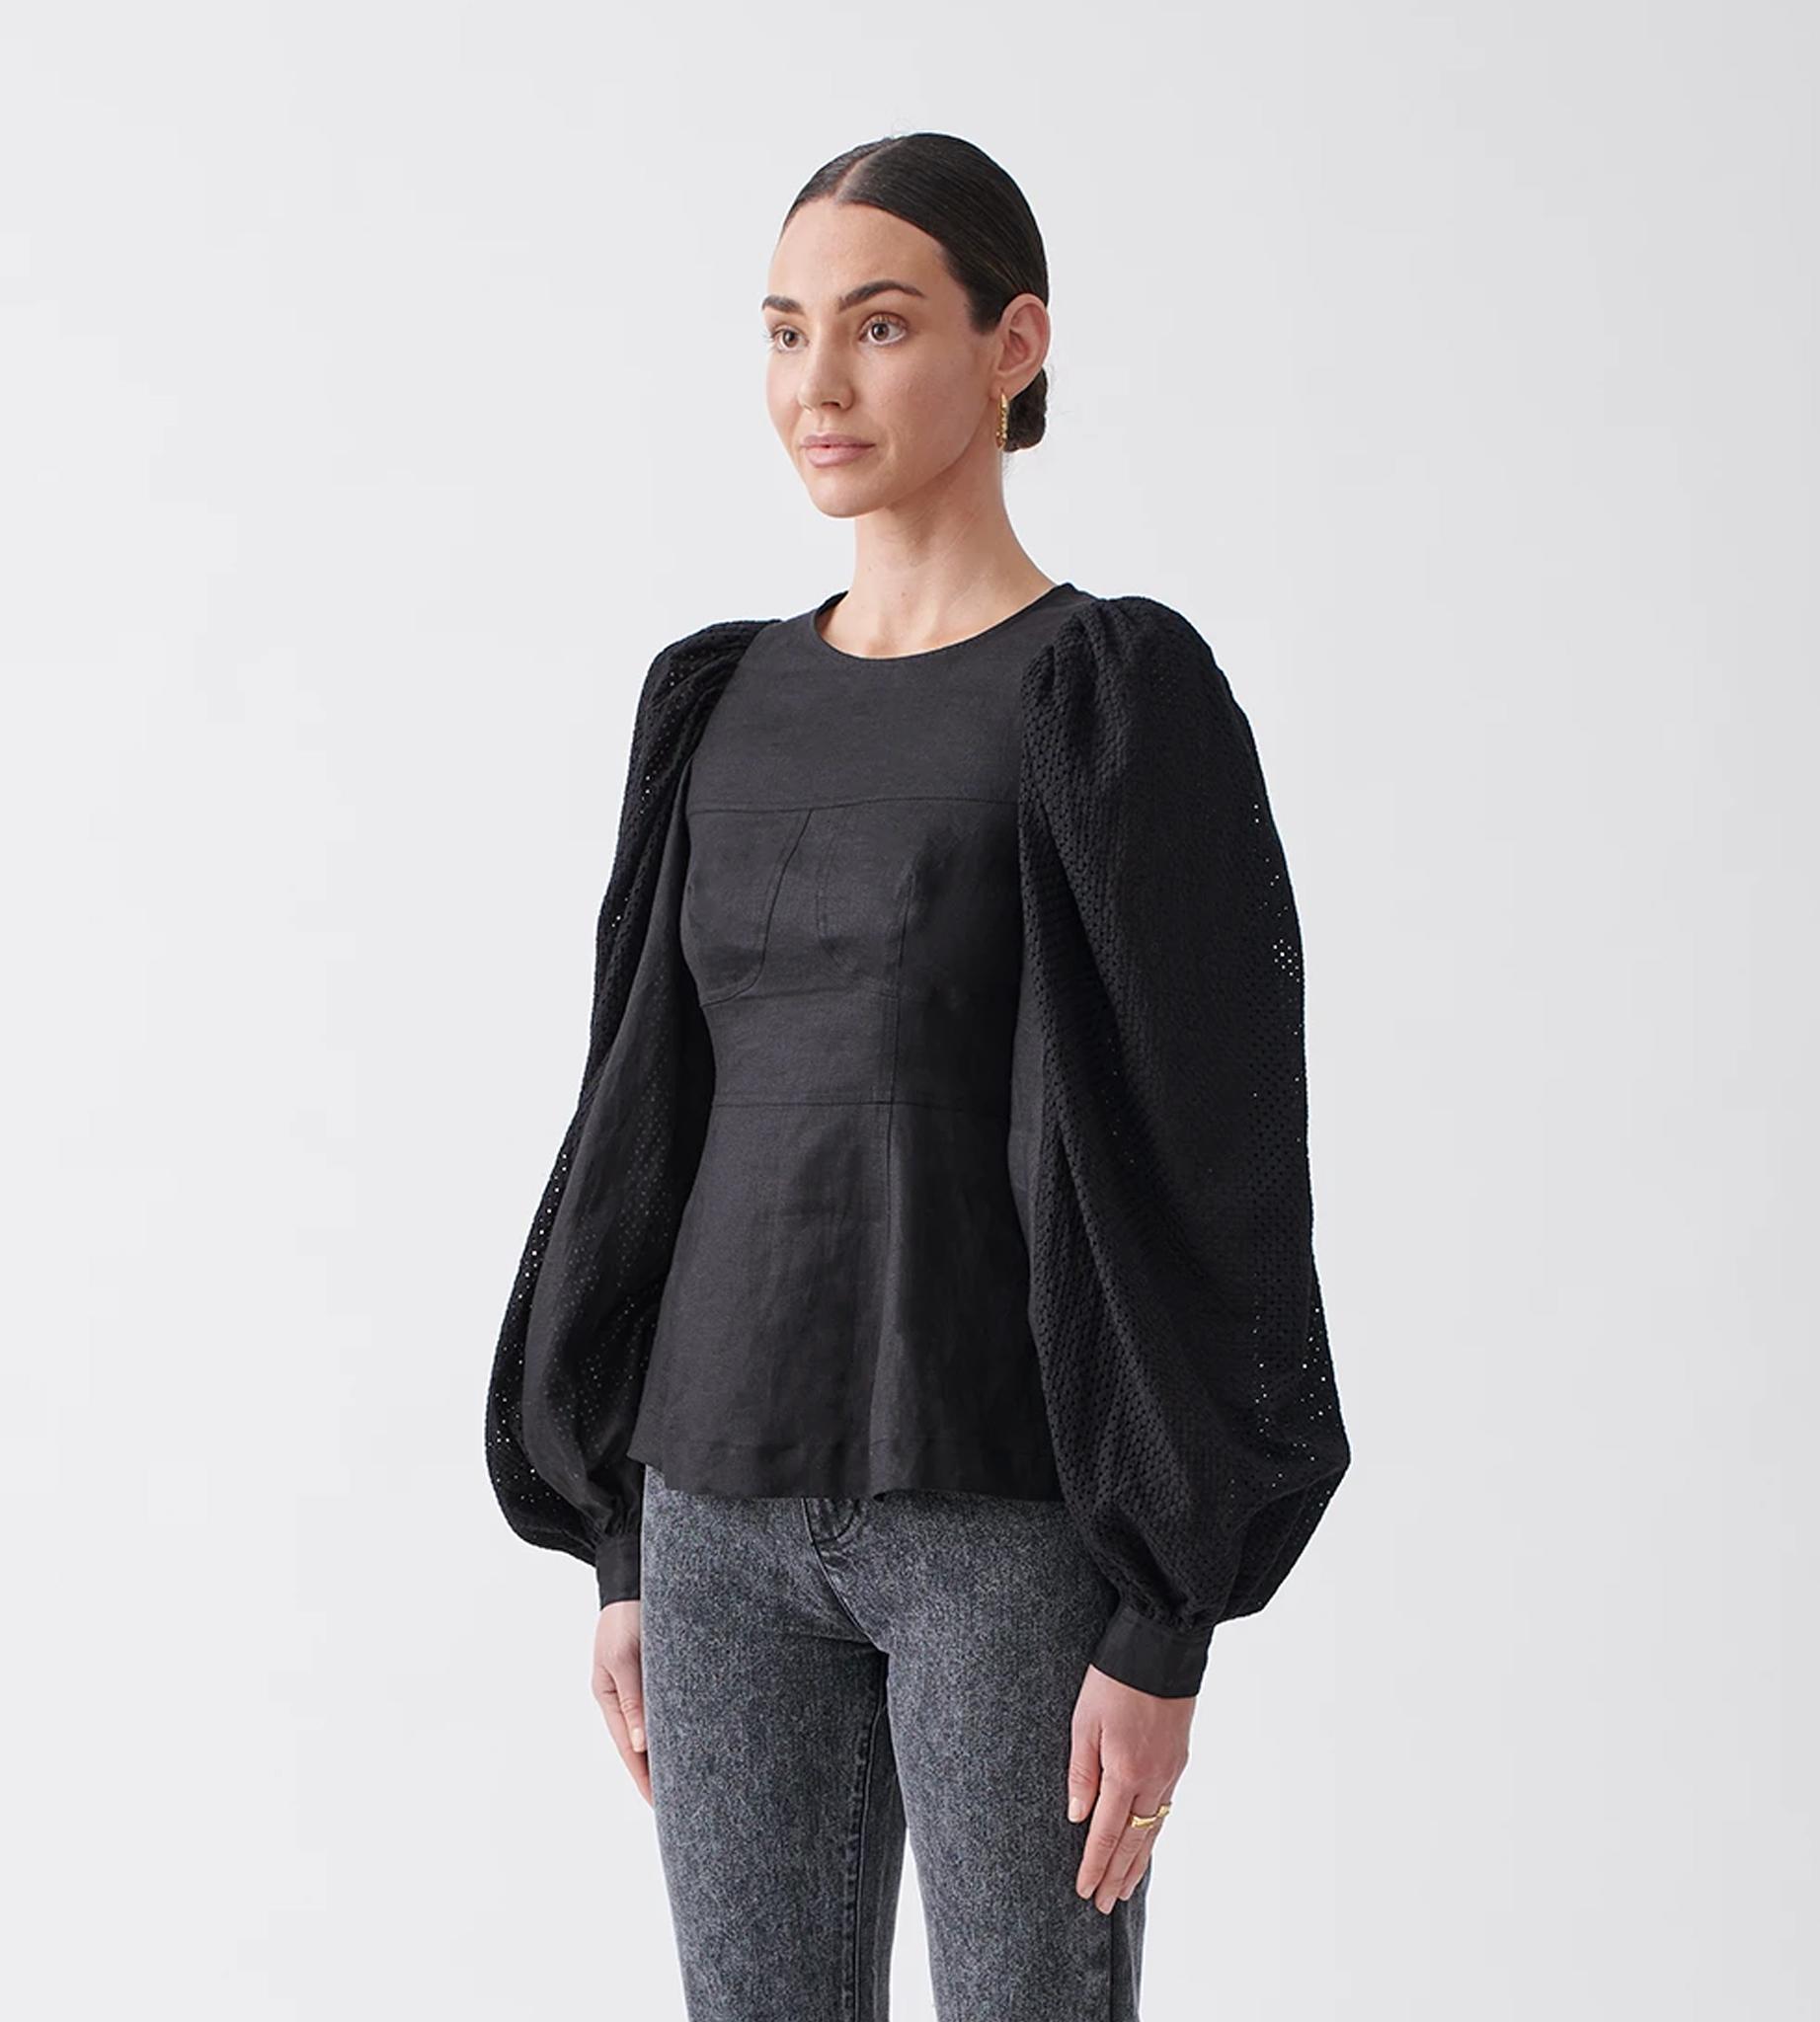 Joslin-Reagan-Linen-Crochet-Top-Black-1